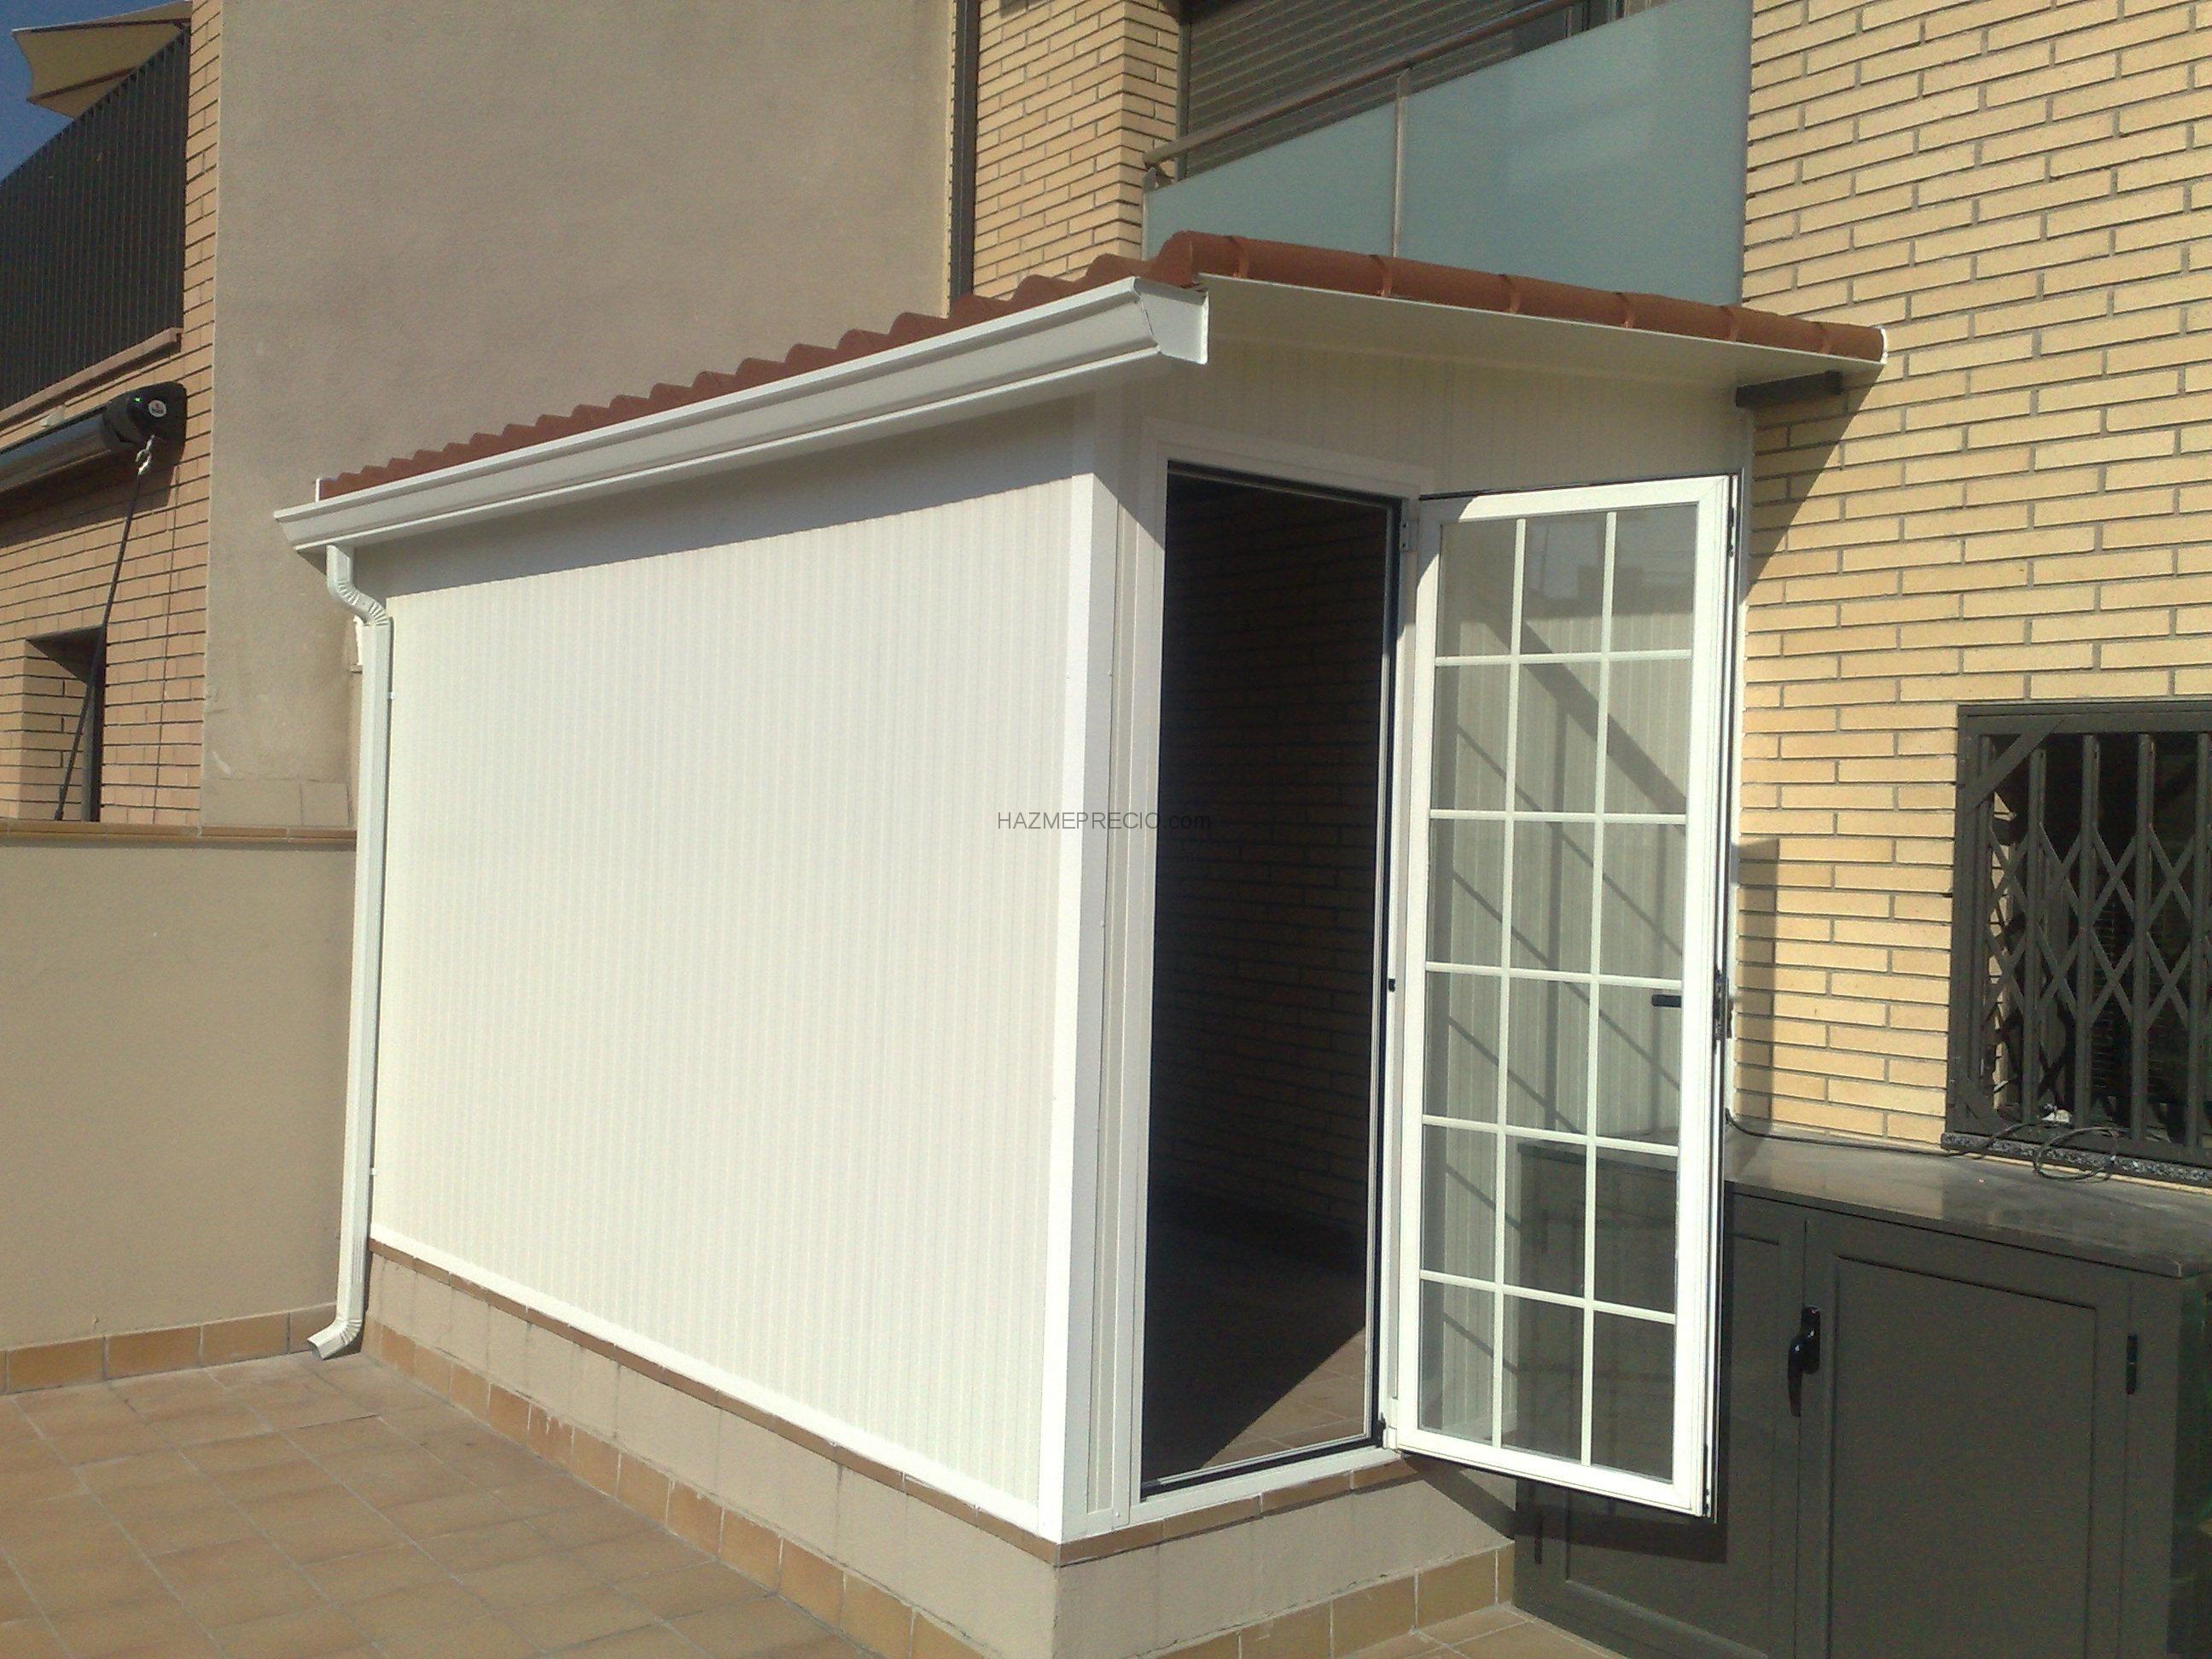 Todo tipo de cerramientos en terrazas o armarios de aluminio aqu el cliente nos pidi que lo - Armarios para trasteros ...